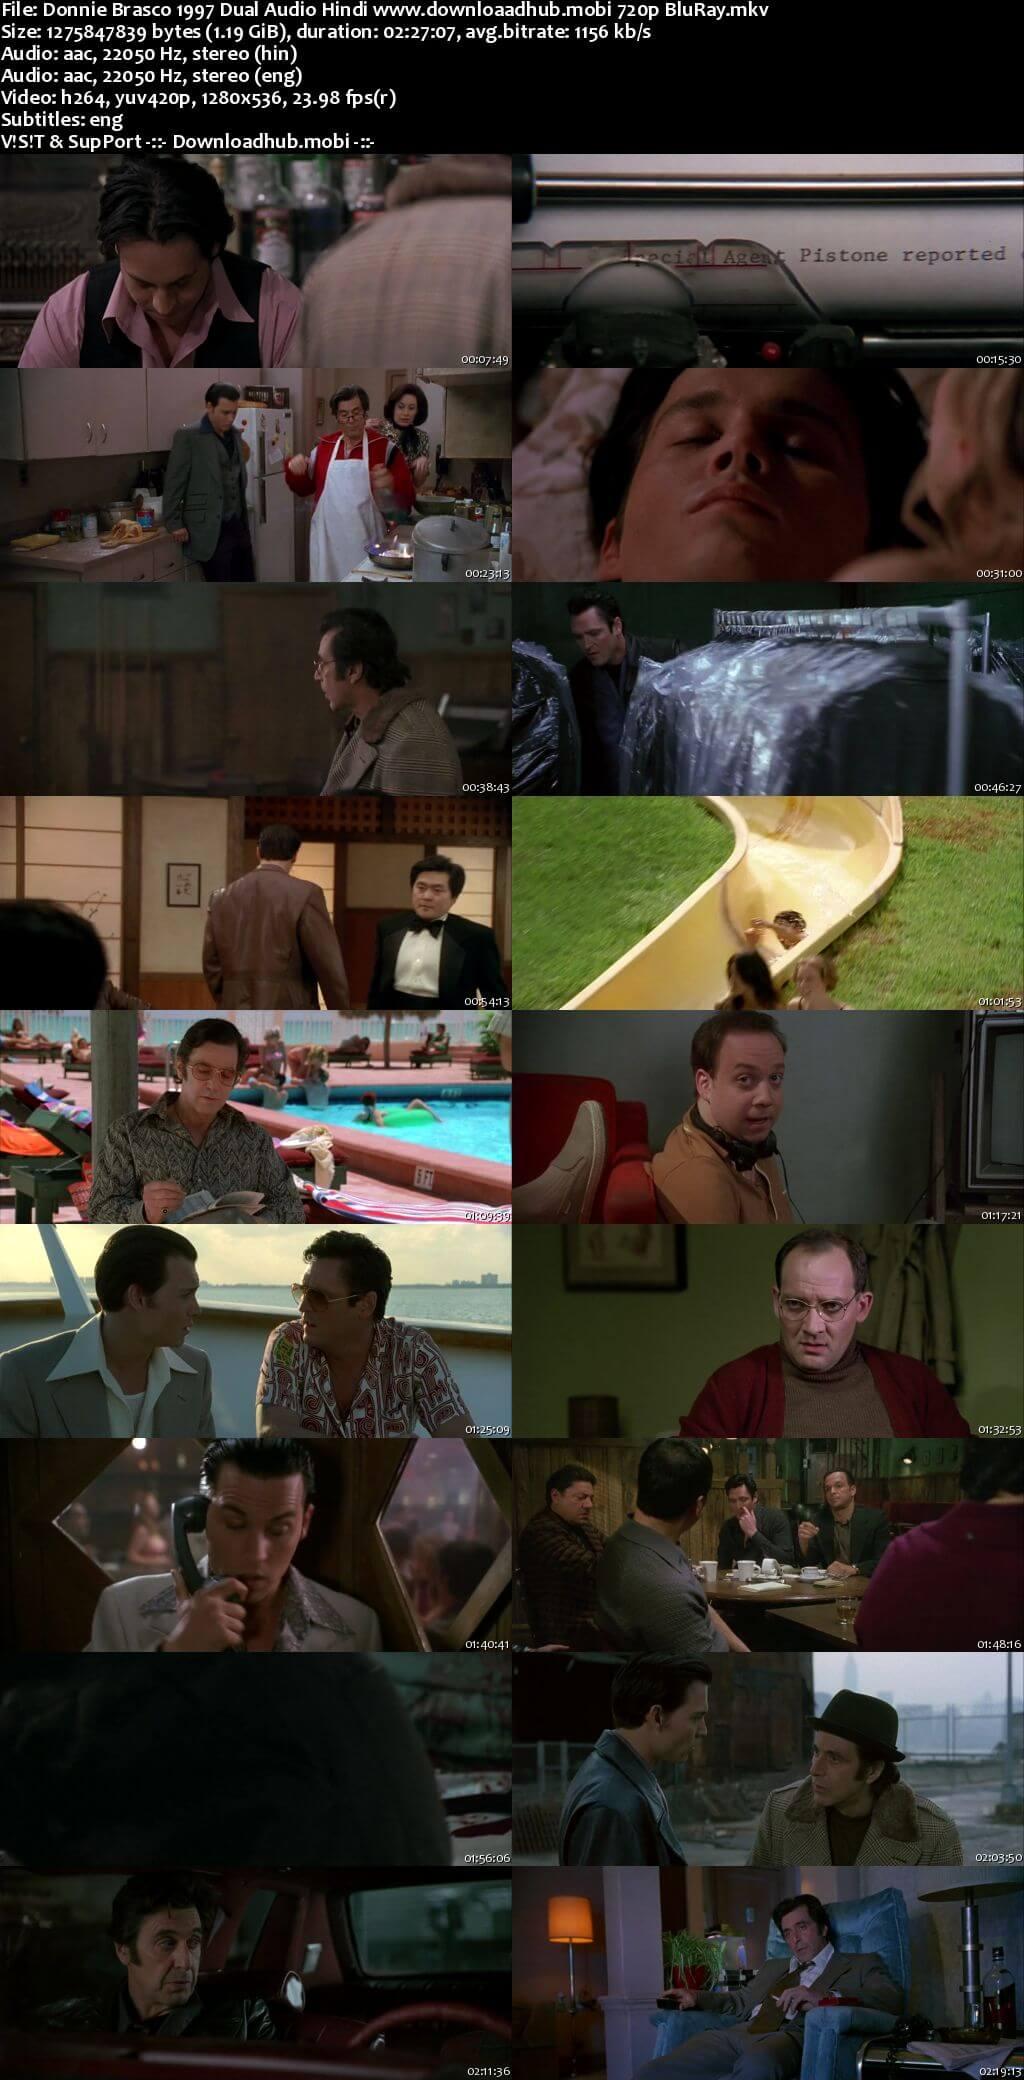 Donnie Brasco 1997 Hindi Dual Audio 720p BluRay ESubs